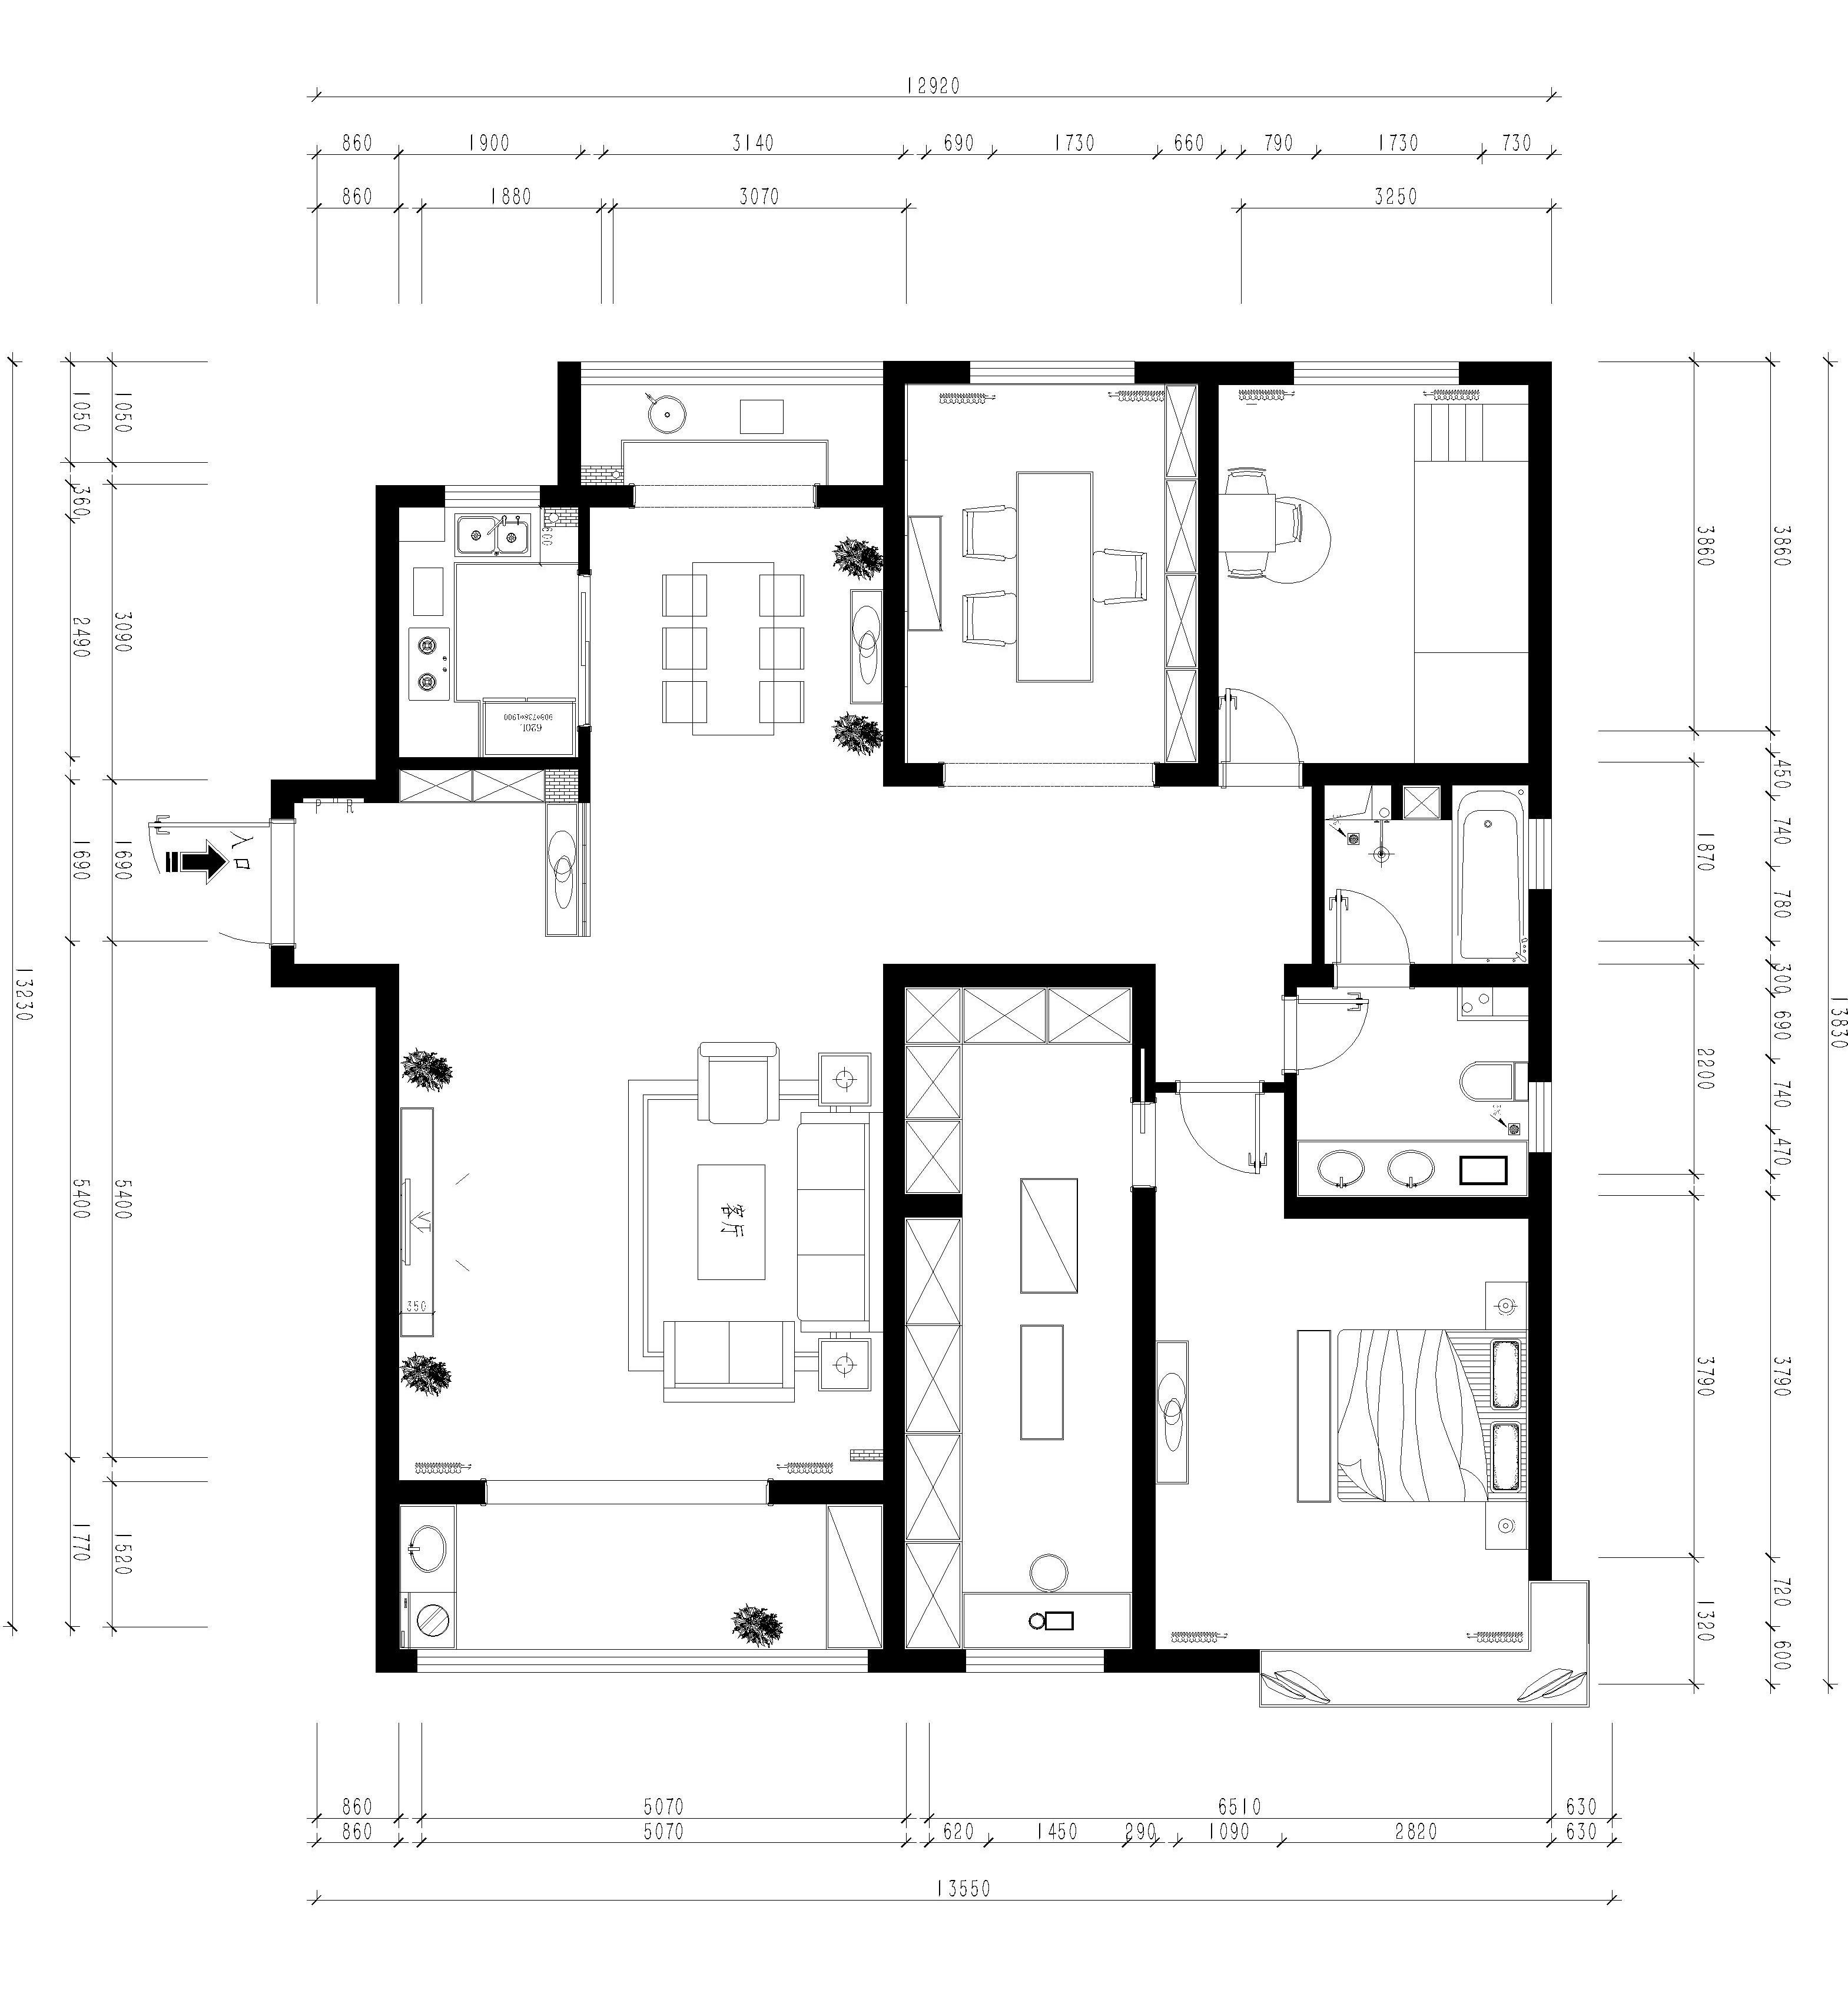 逸景湾 200m/2策划案例 中式装潢成果图装潢策划愿景